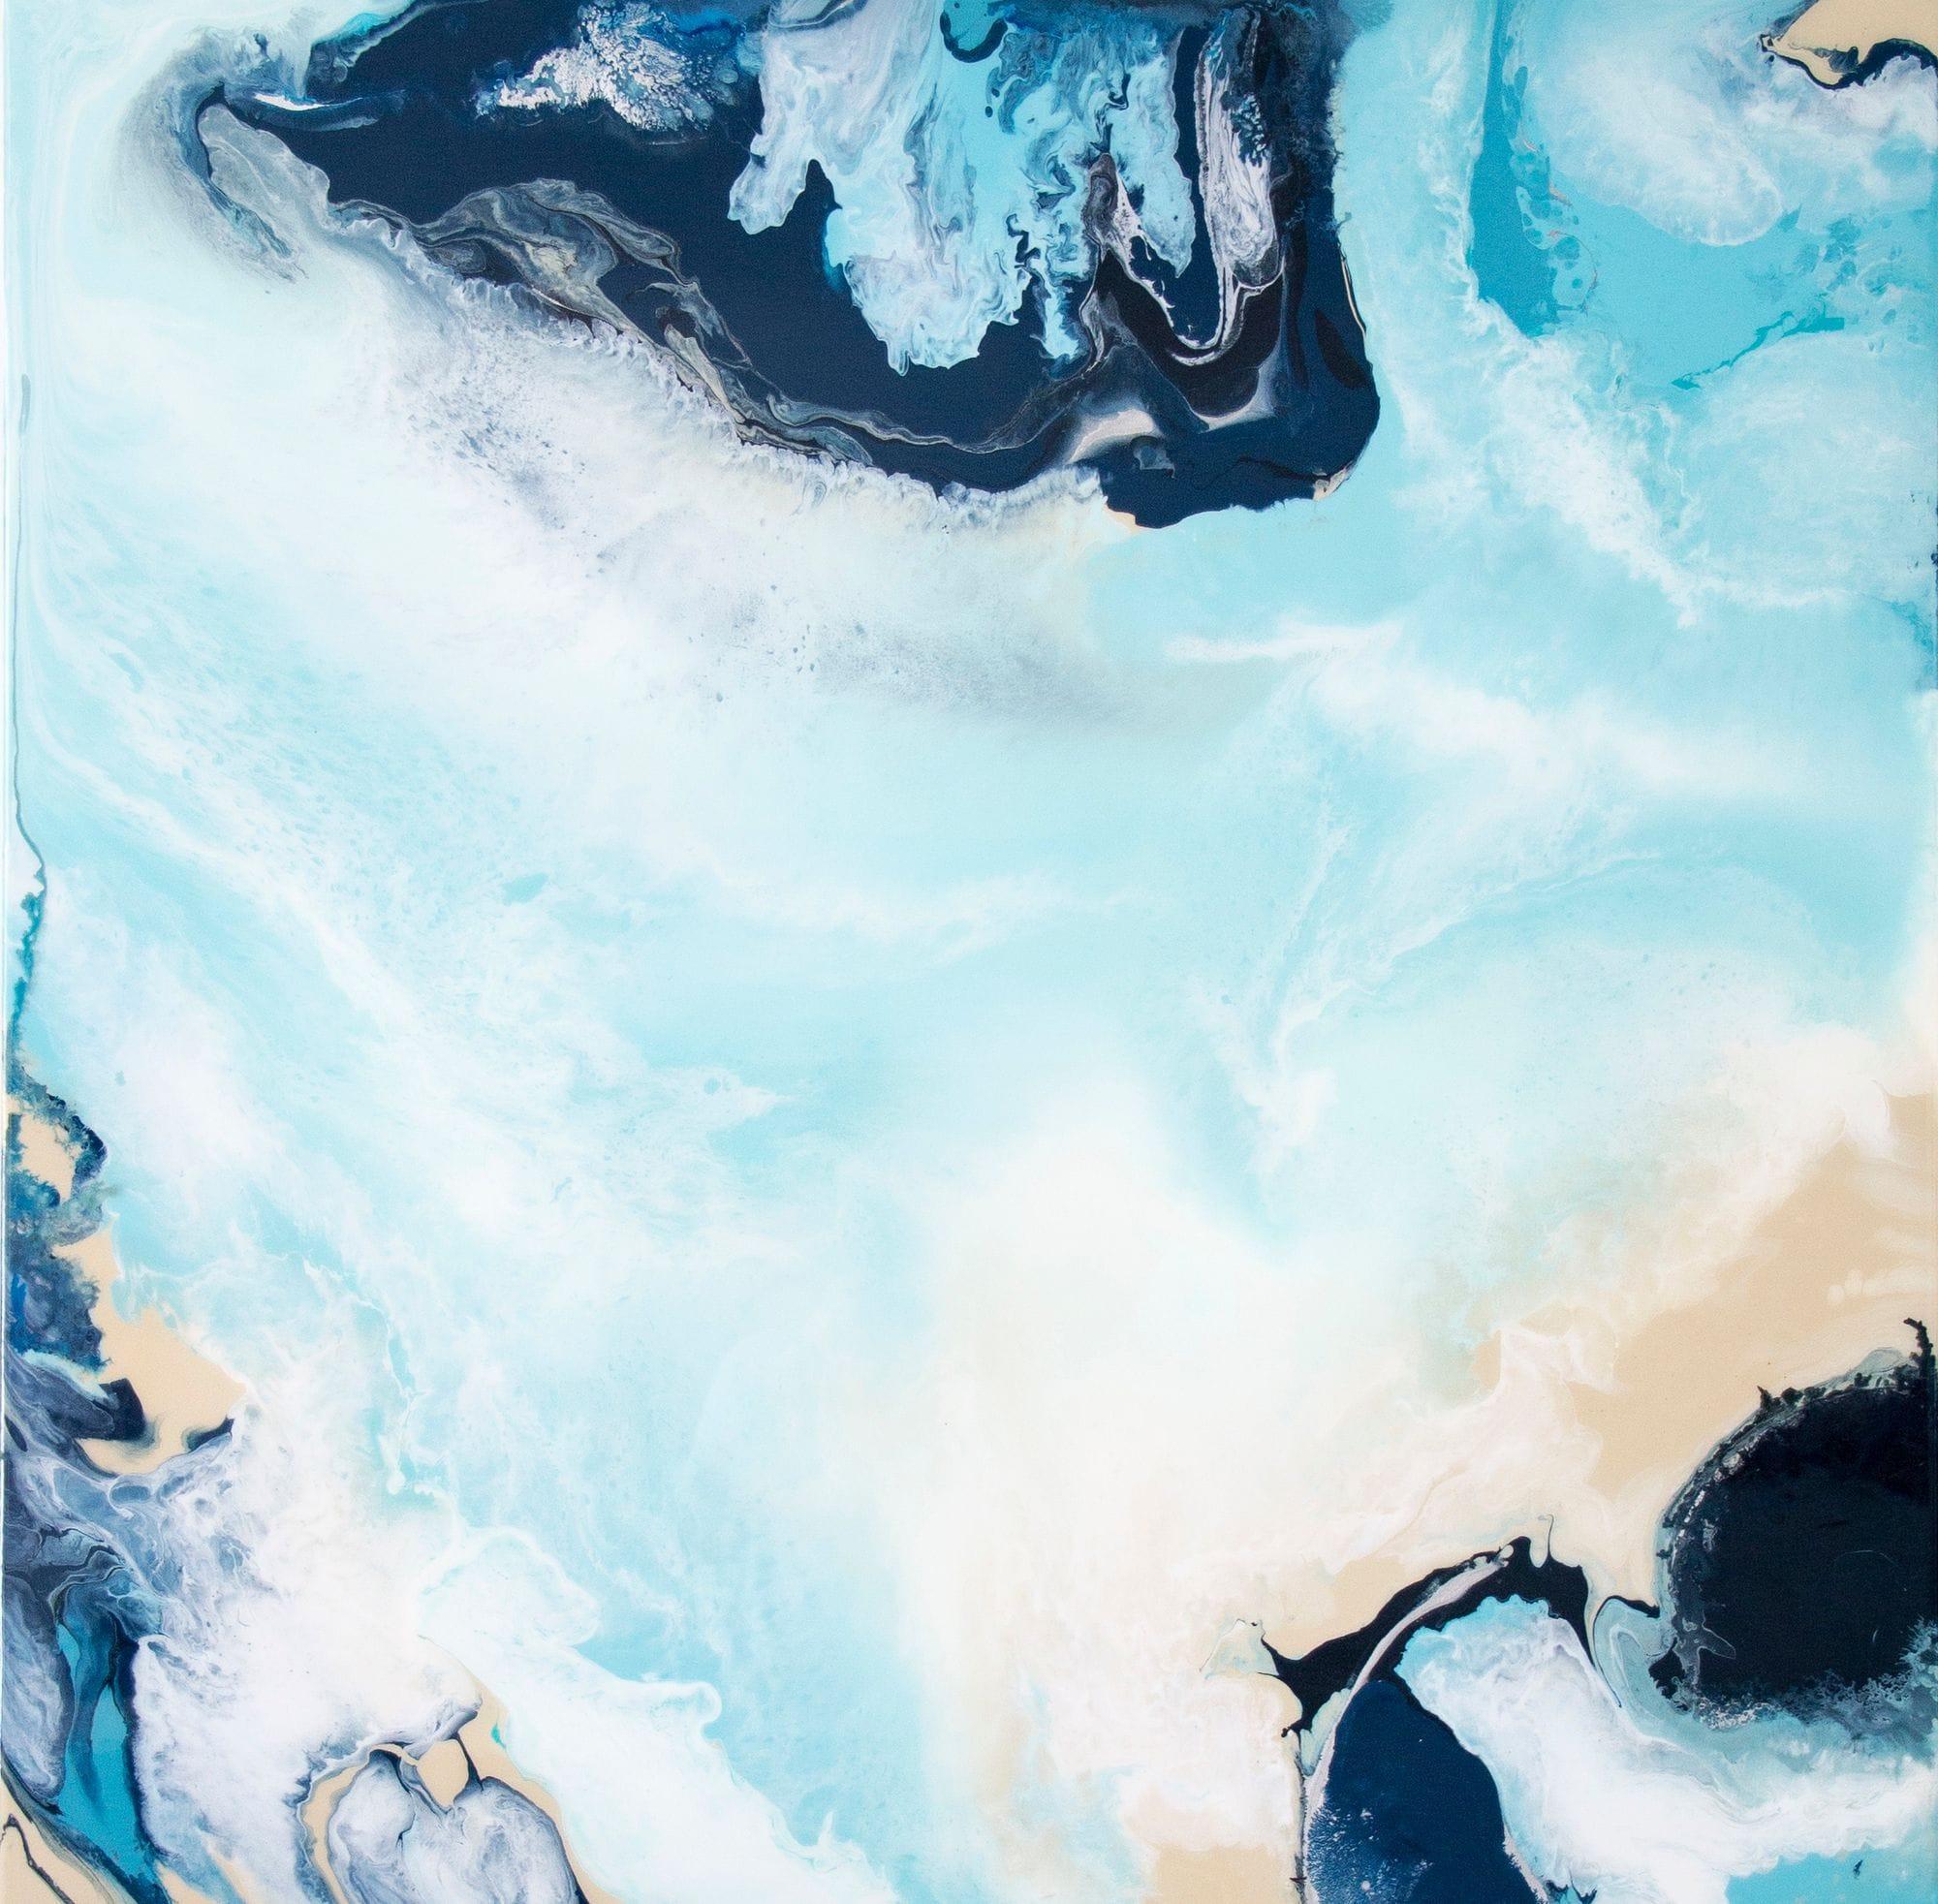 OCEAN RESIN ART 1000x1000